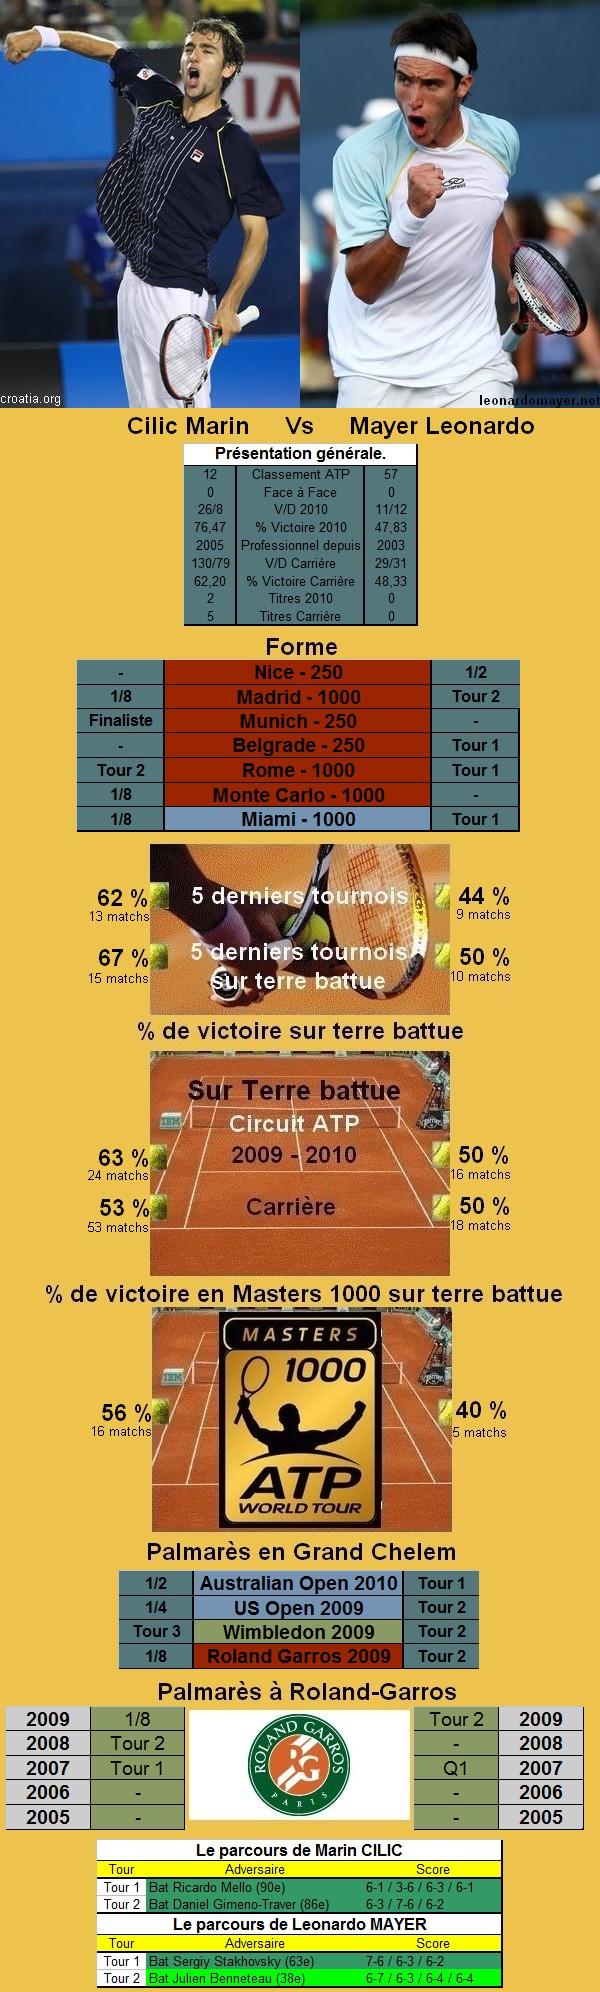 Statistiques tennis de Cilic contre Mayer à Roland Garros